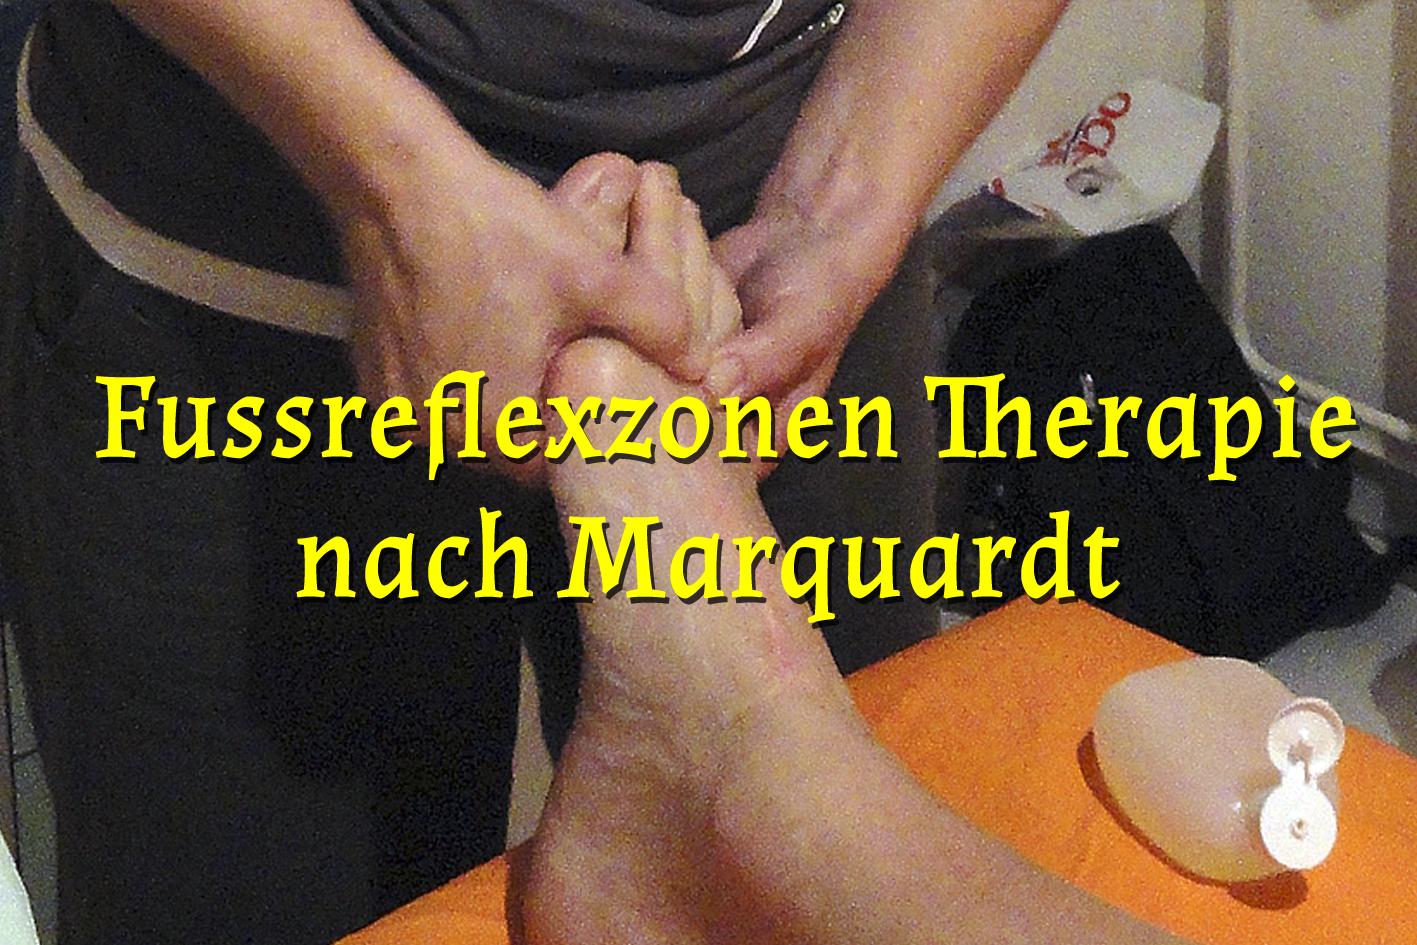 Fussreflexzonen Therapie nach Marquardt